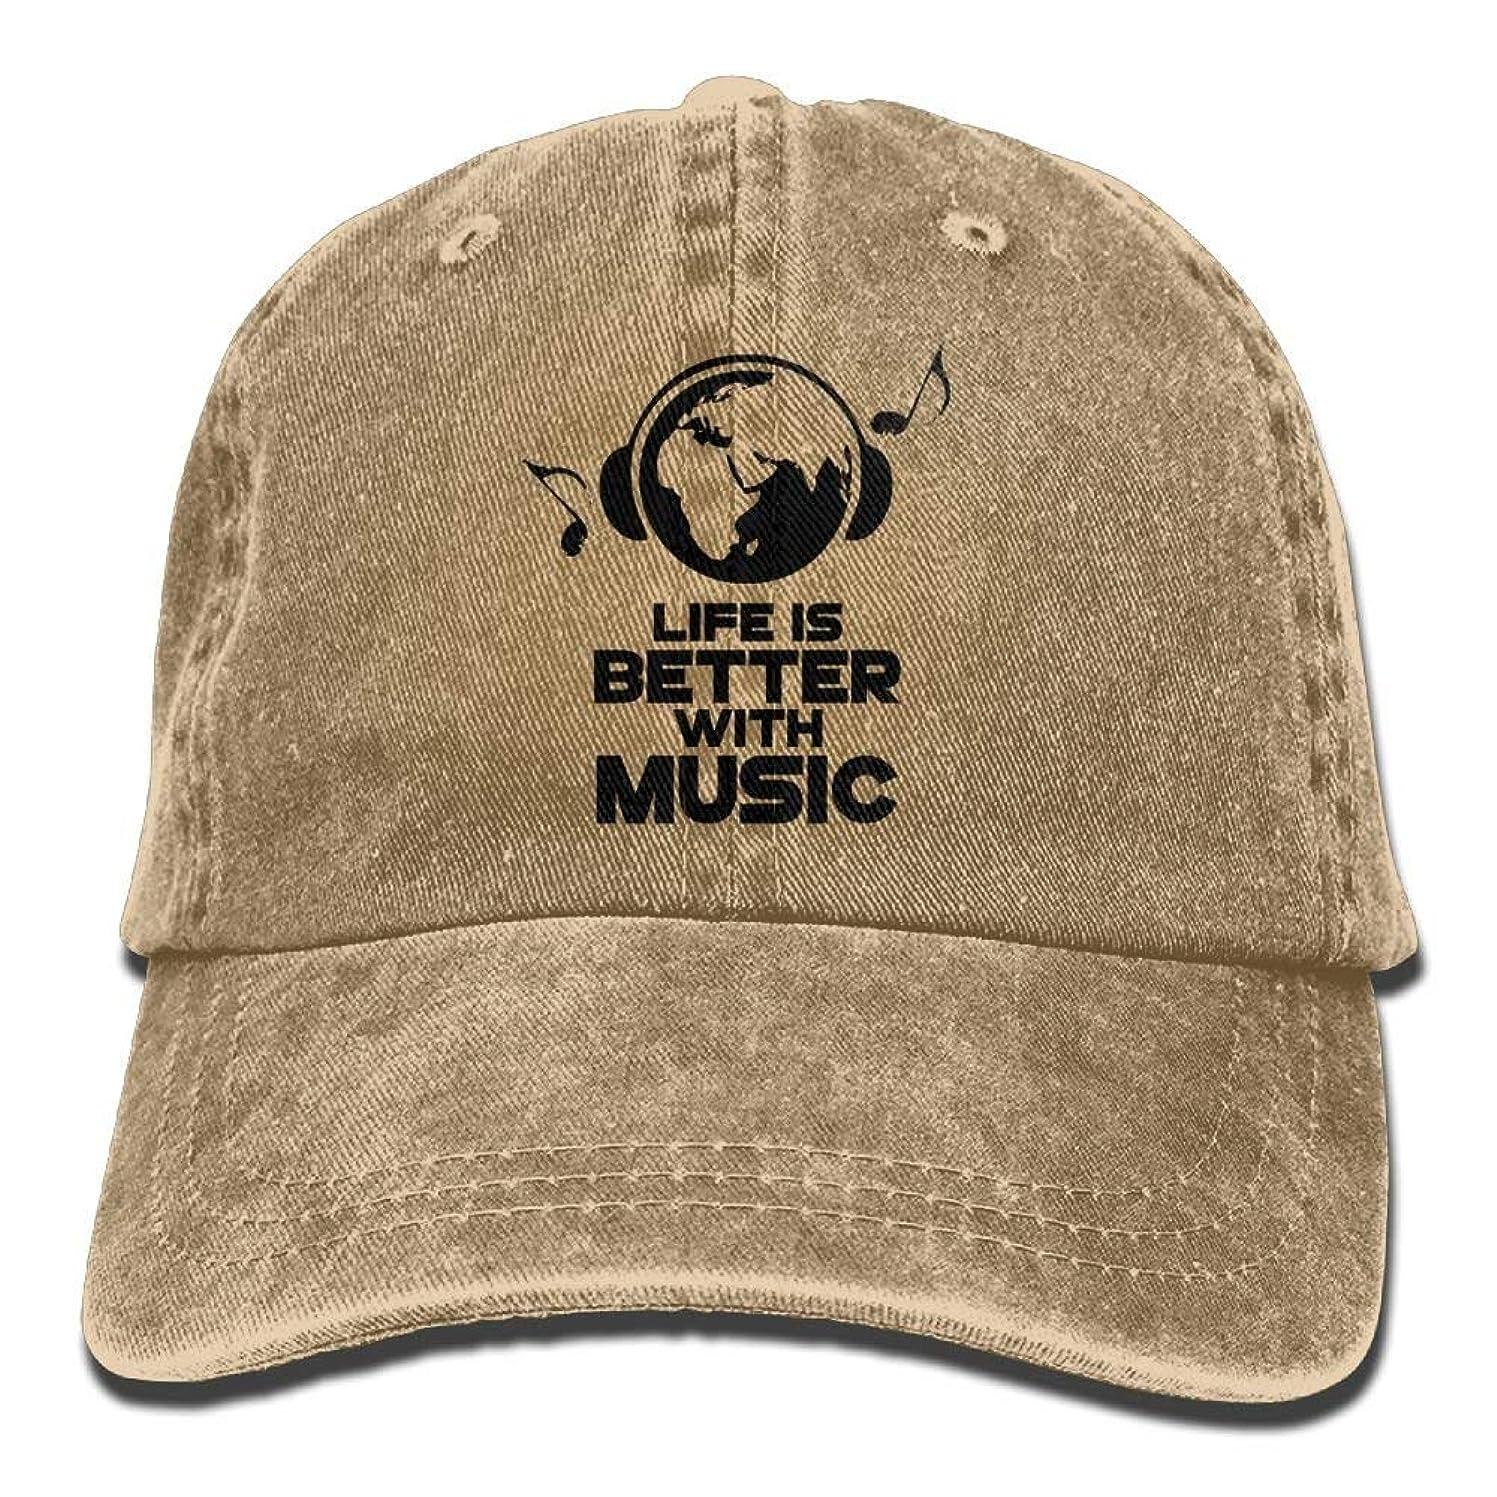 シリングアイロニー子供っぽい人生は音楽デニム帽子調節可能な女性野球帽でより良いです